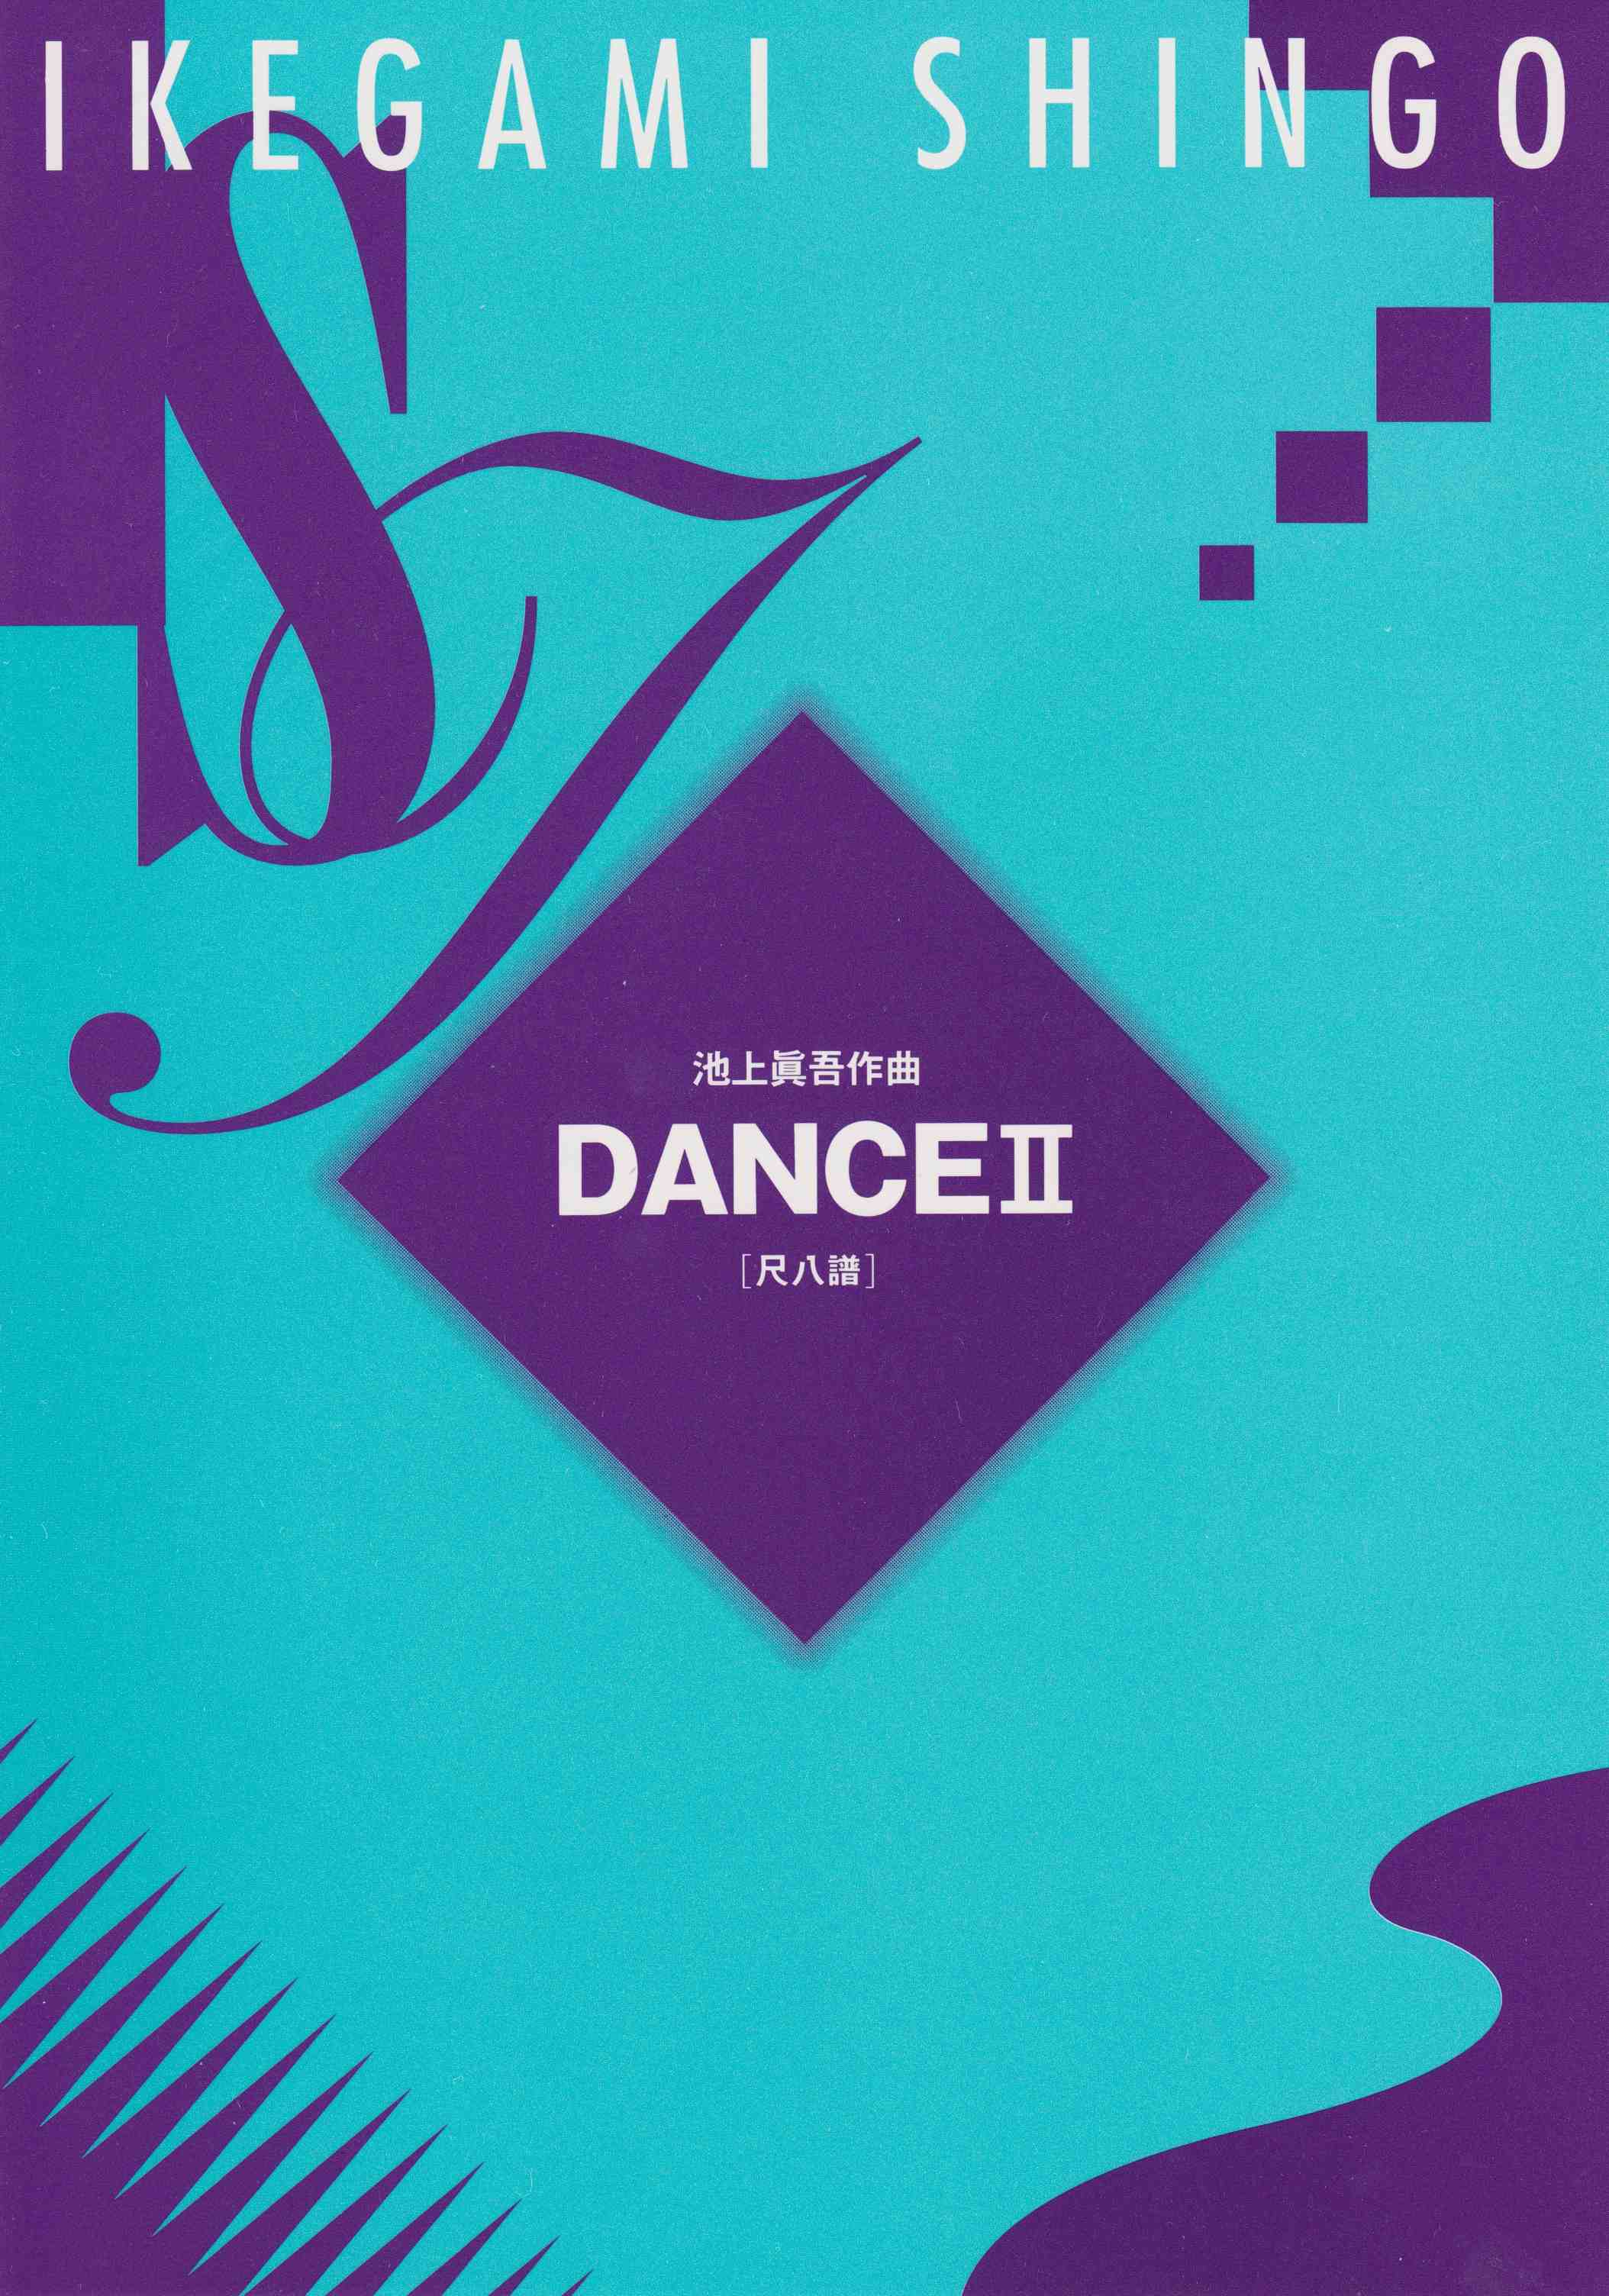 DANCE II 尺八譜[5080-2]